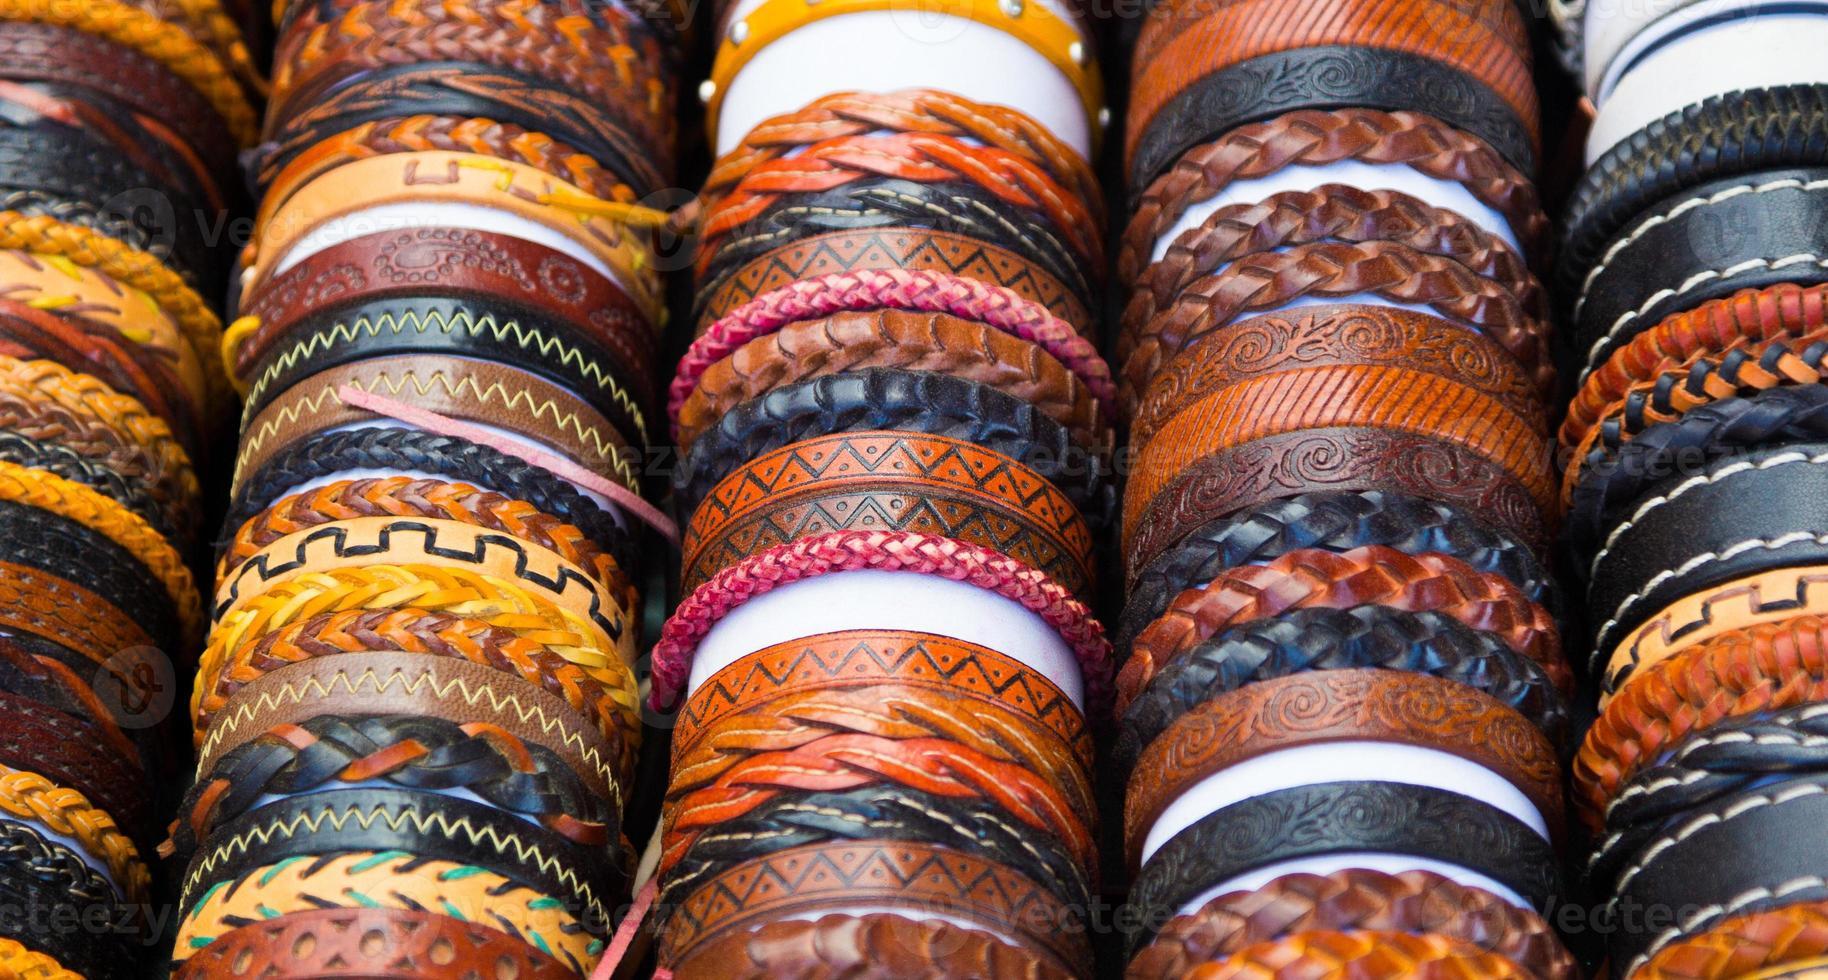 pulseiras de couro com diferentes formas e cores foto